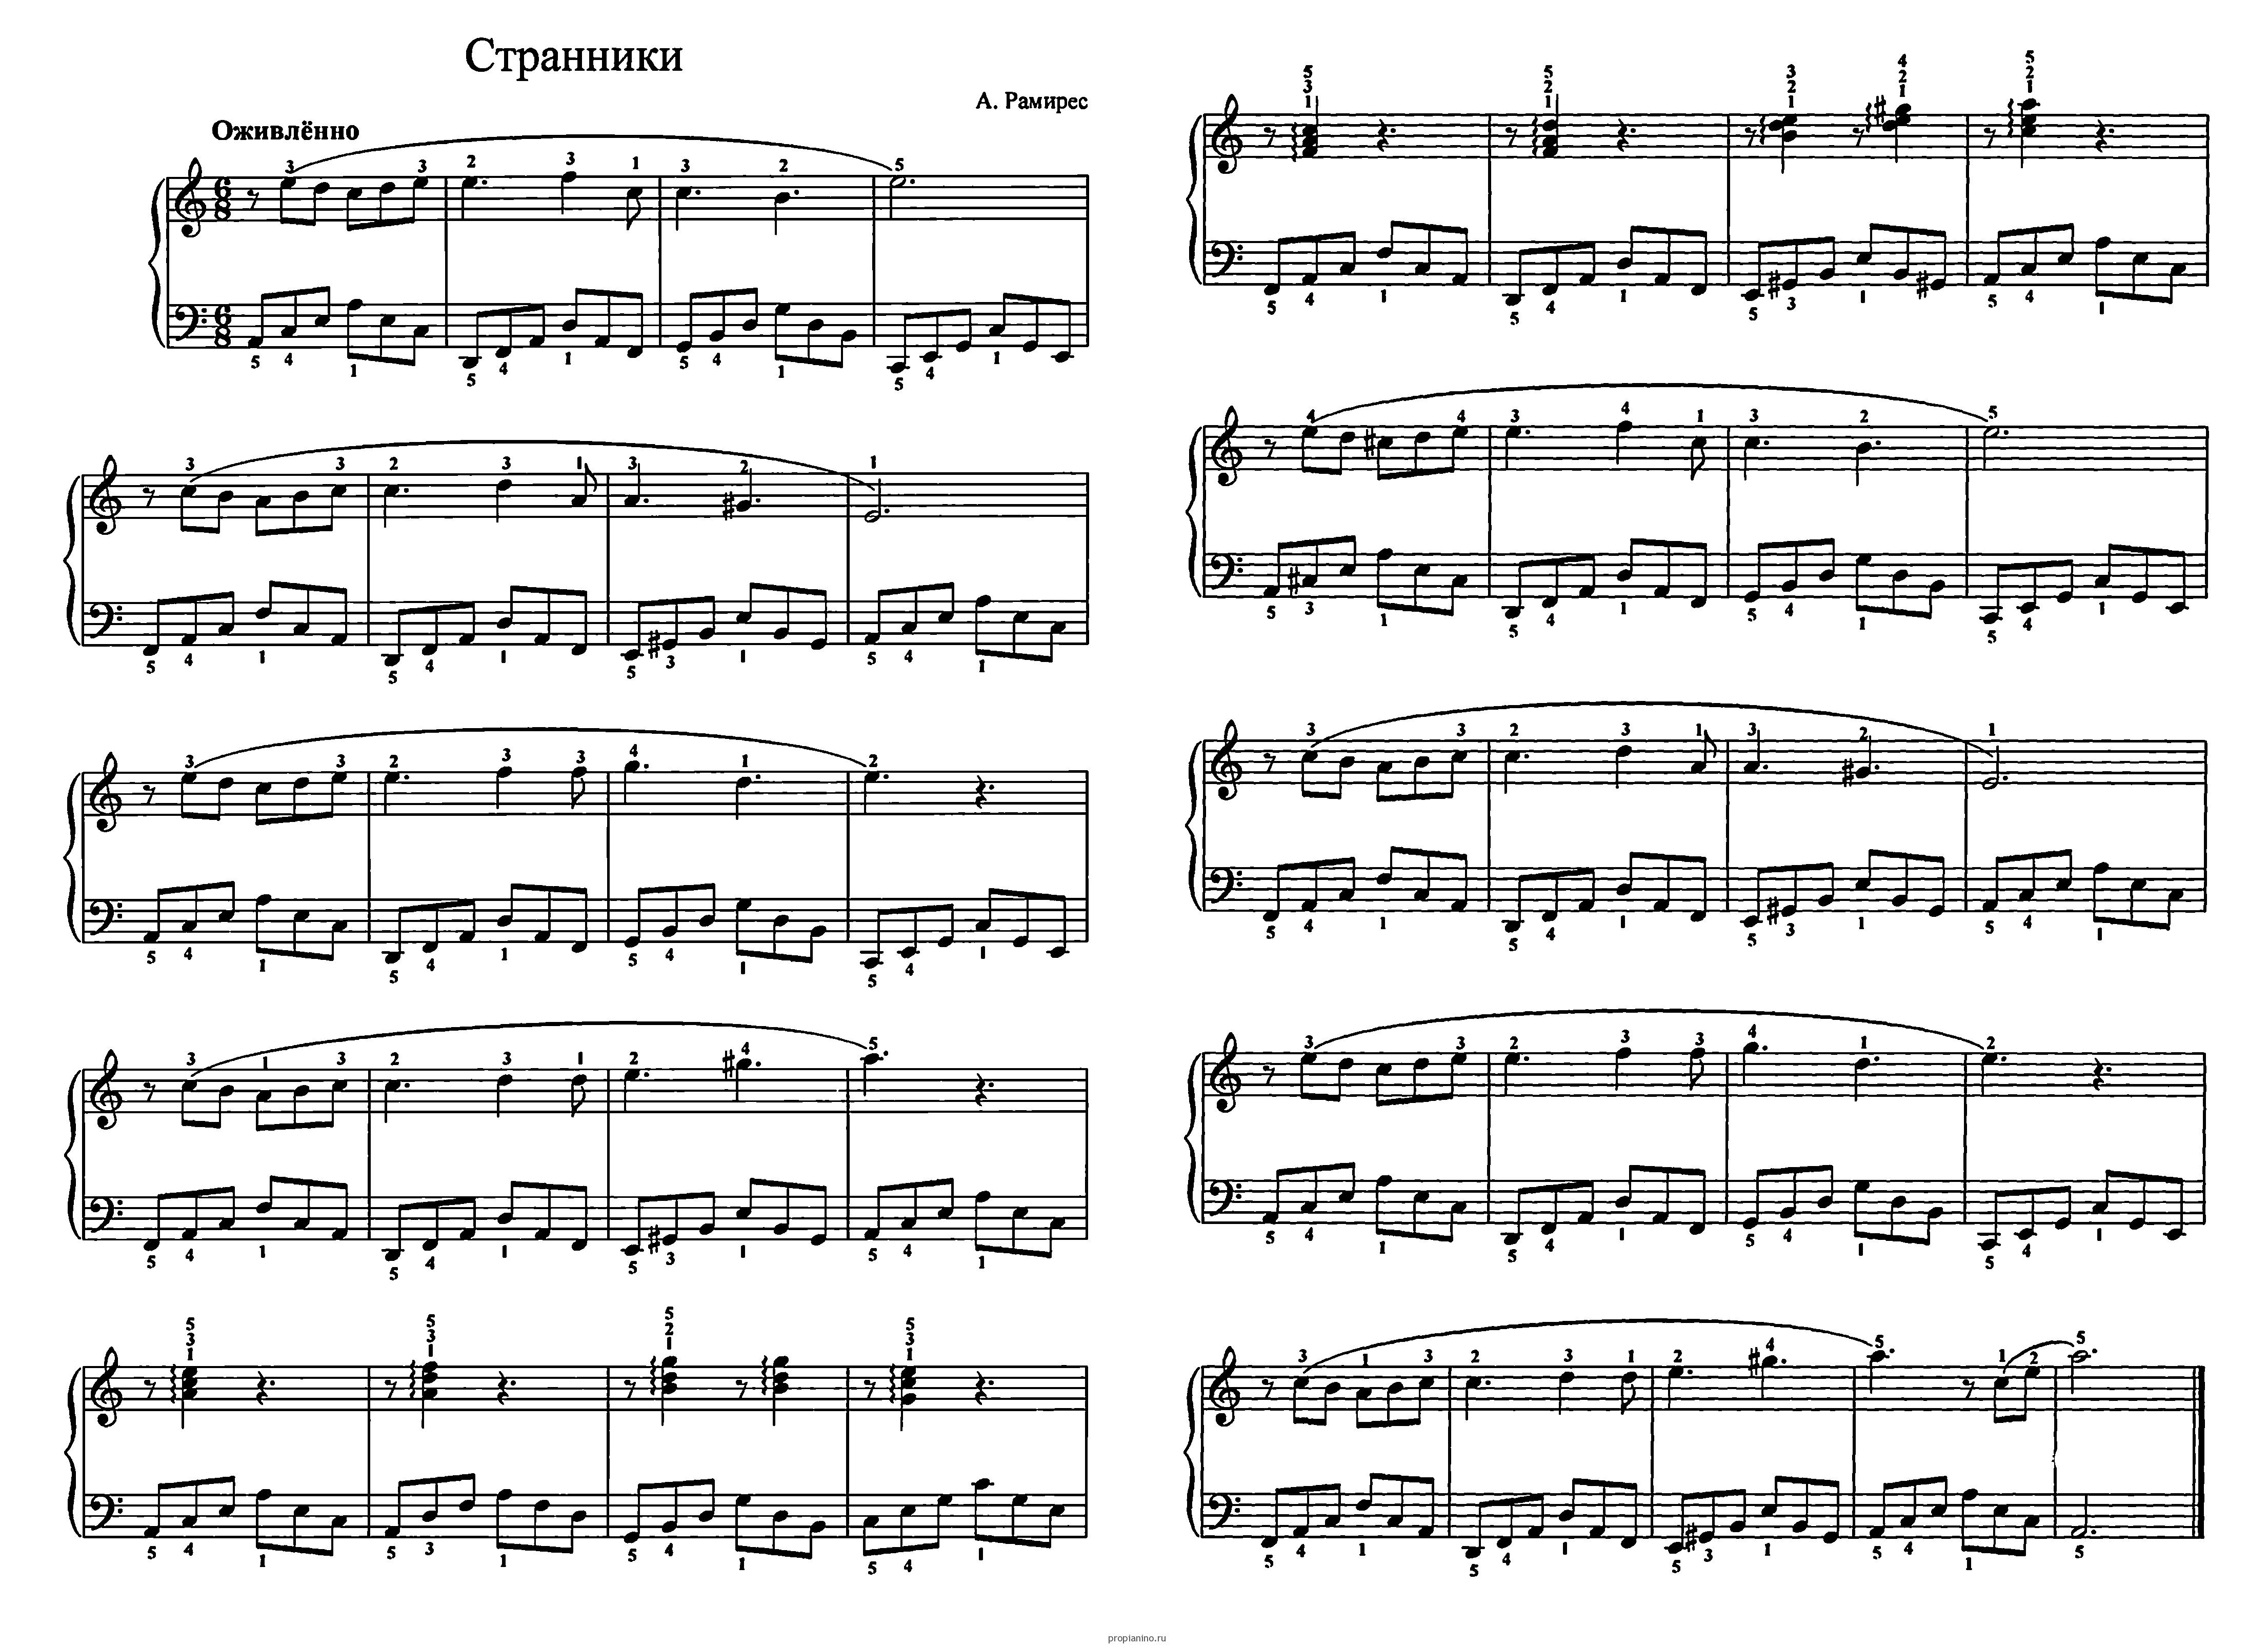 Ноты menuet (менуэт) paul mauriat (поль мориа).